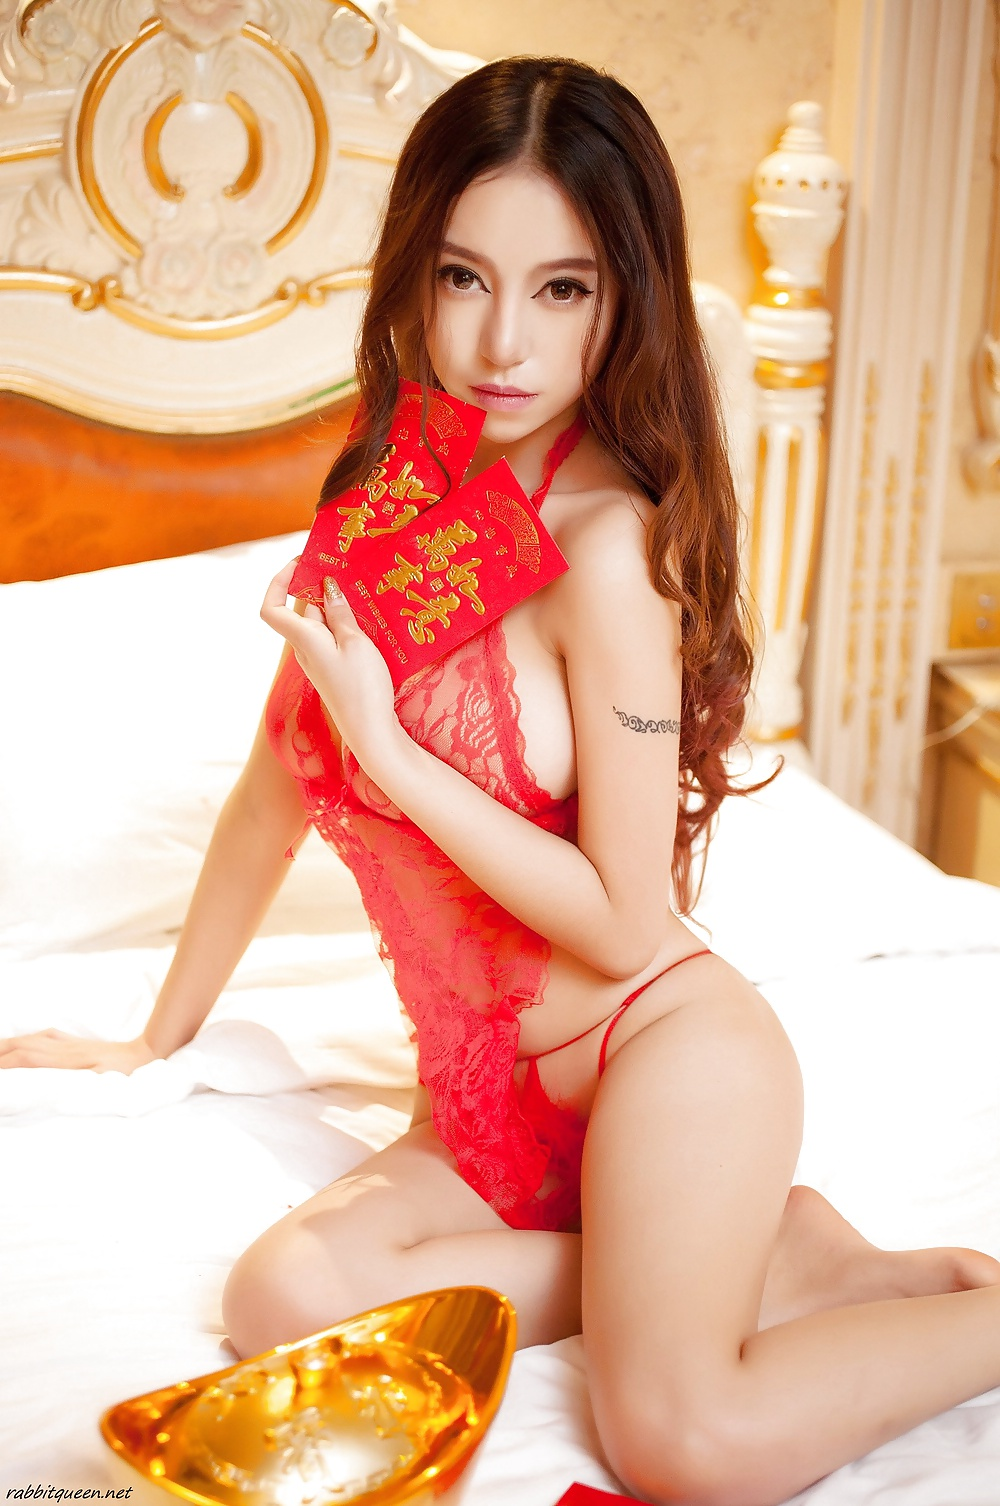 Шлюхи китаянки тюмени проститутки московская область где снять